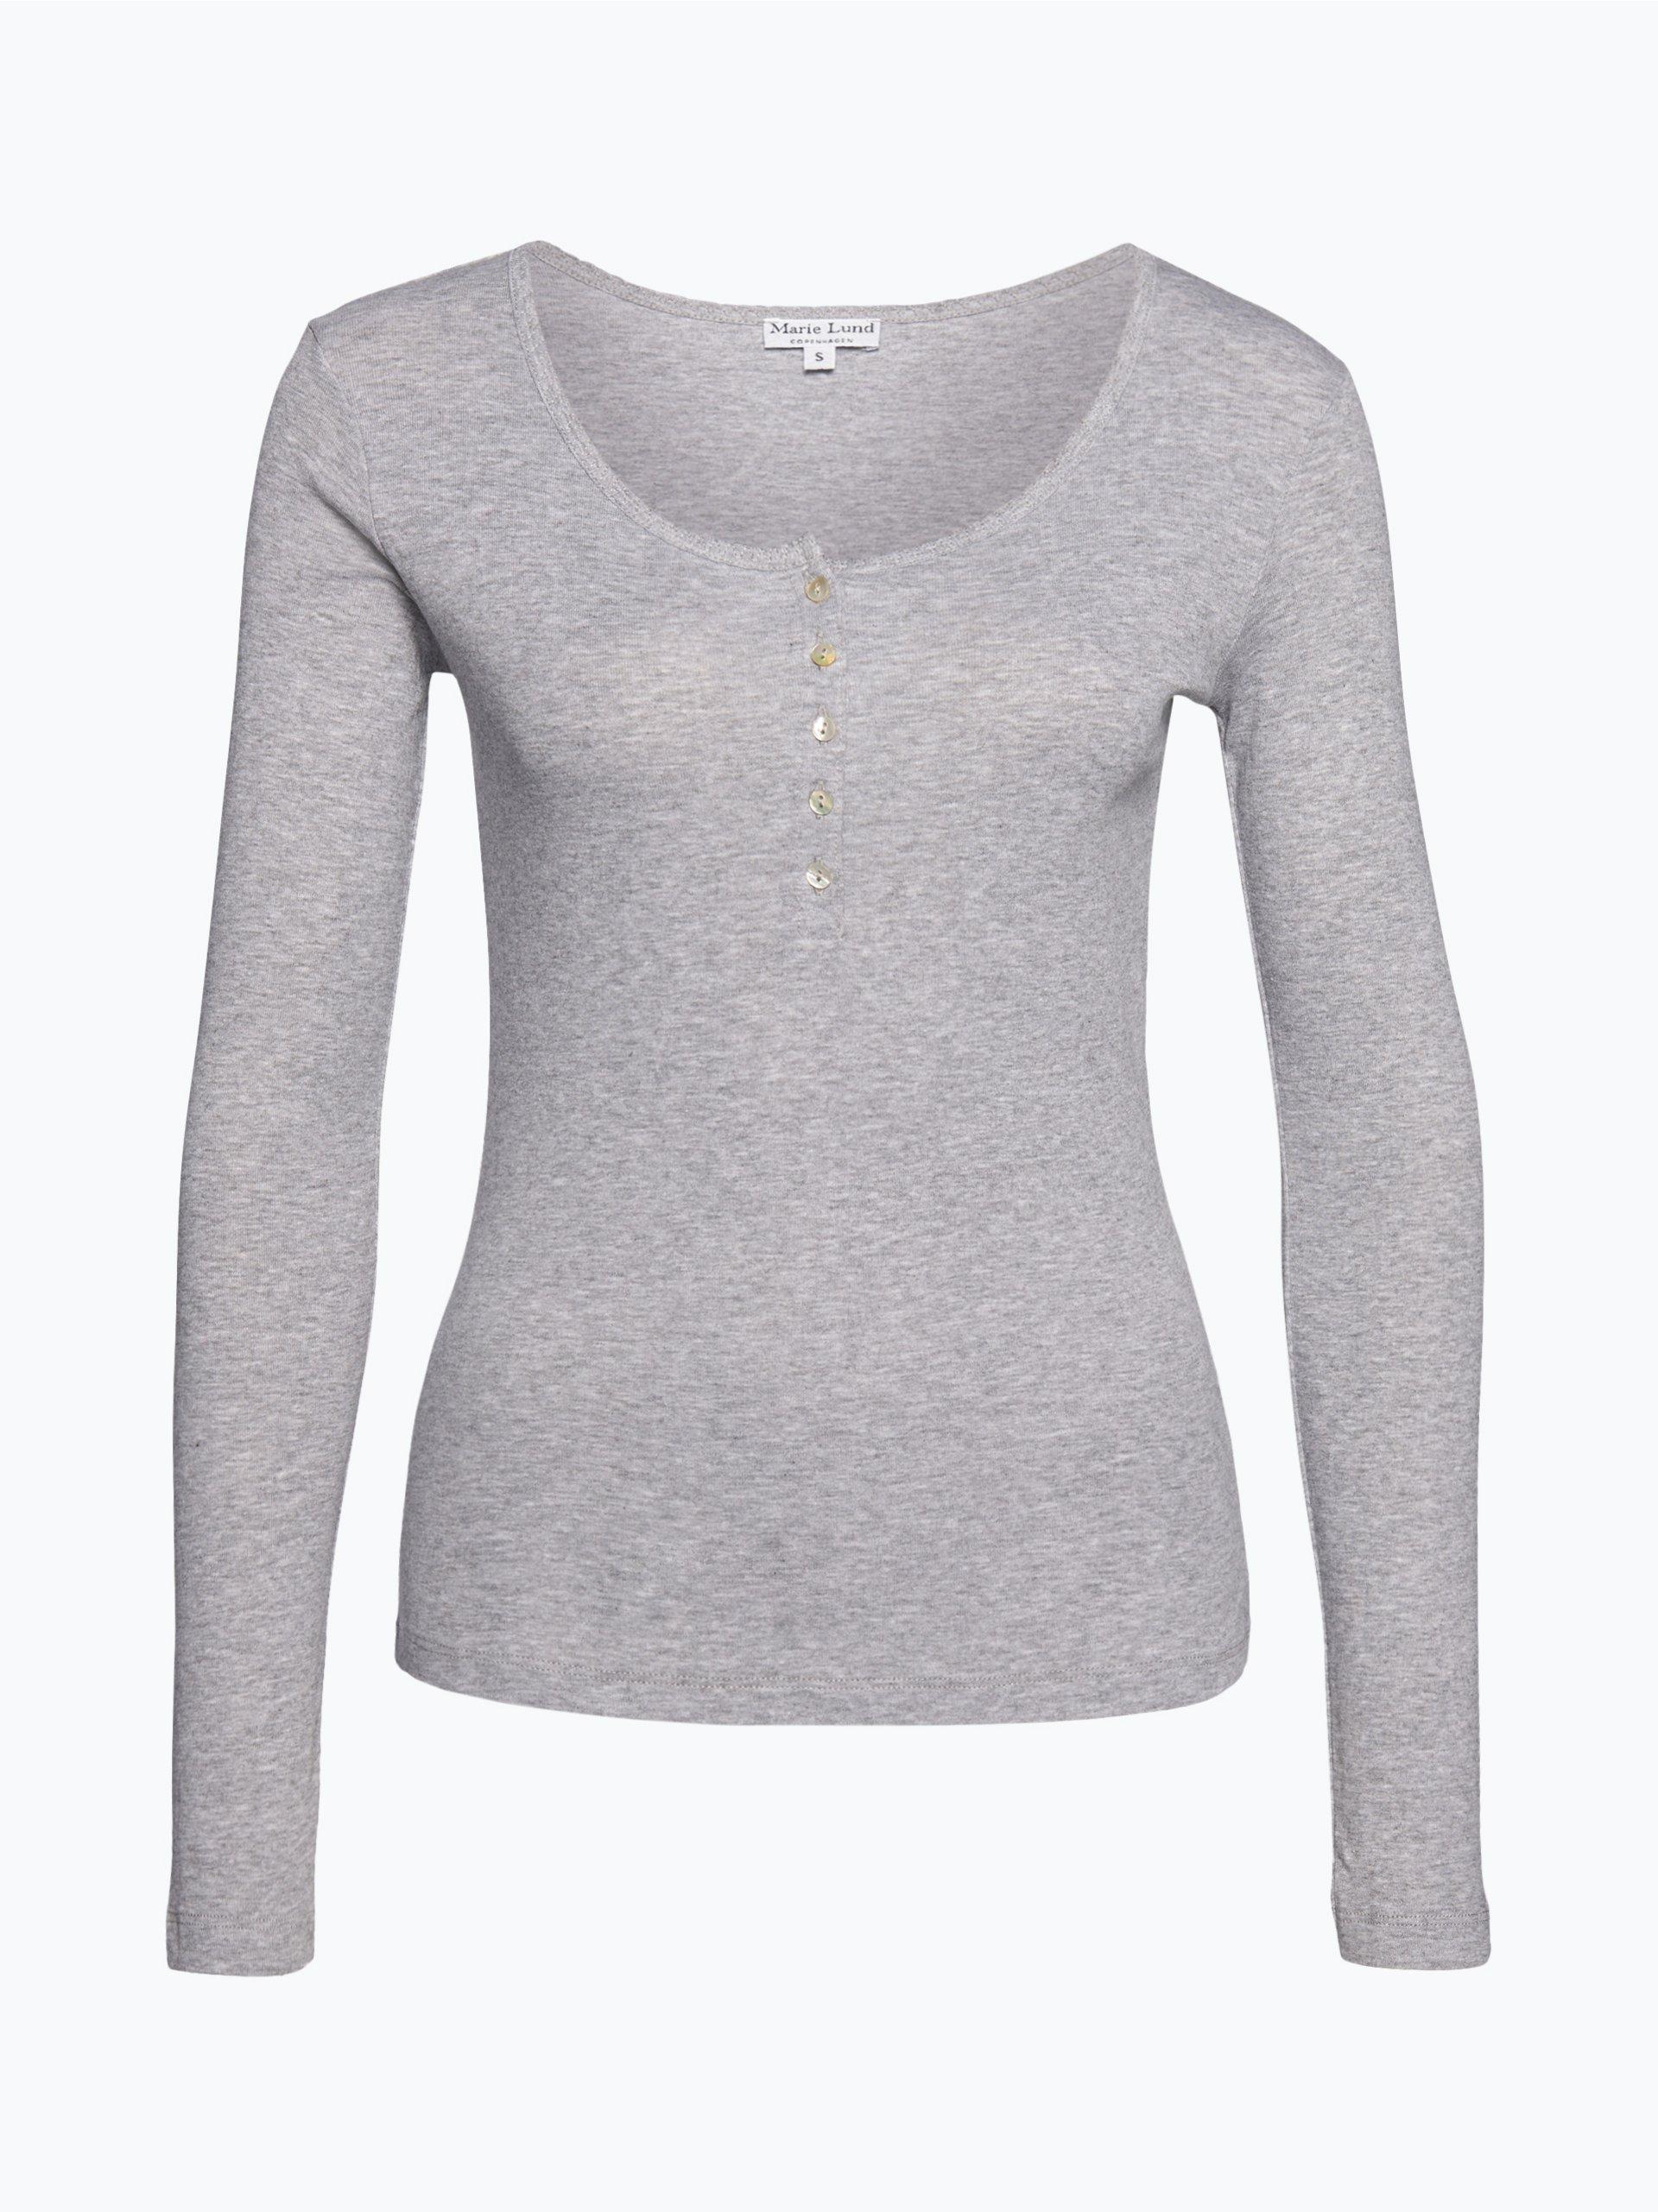 marie lund damen langarmshirt 2 online kaufen peek und cloppenburg de. Black Bedroom Furniture Sets. Home Design Ideas